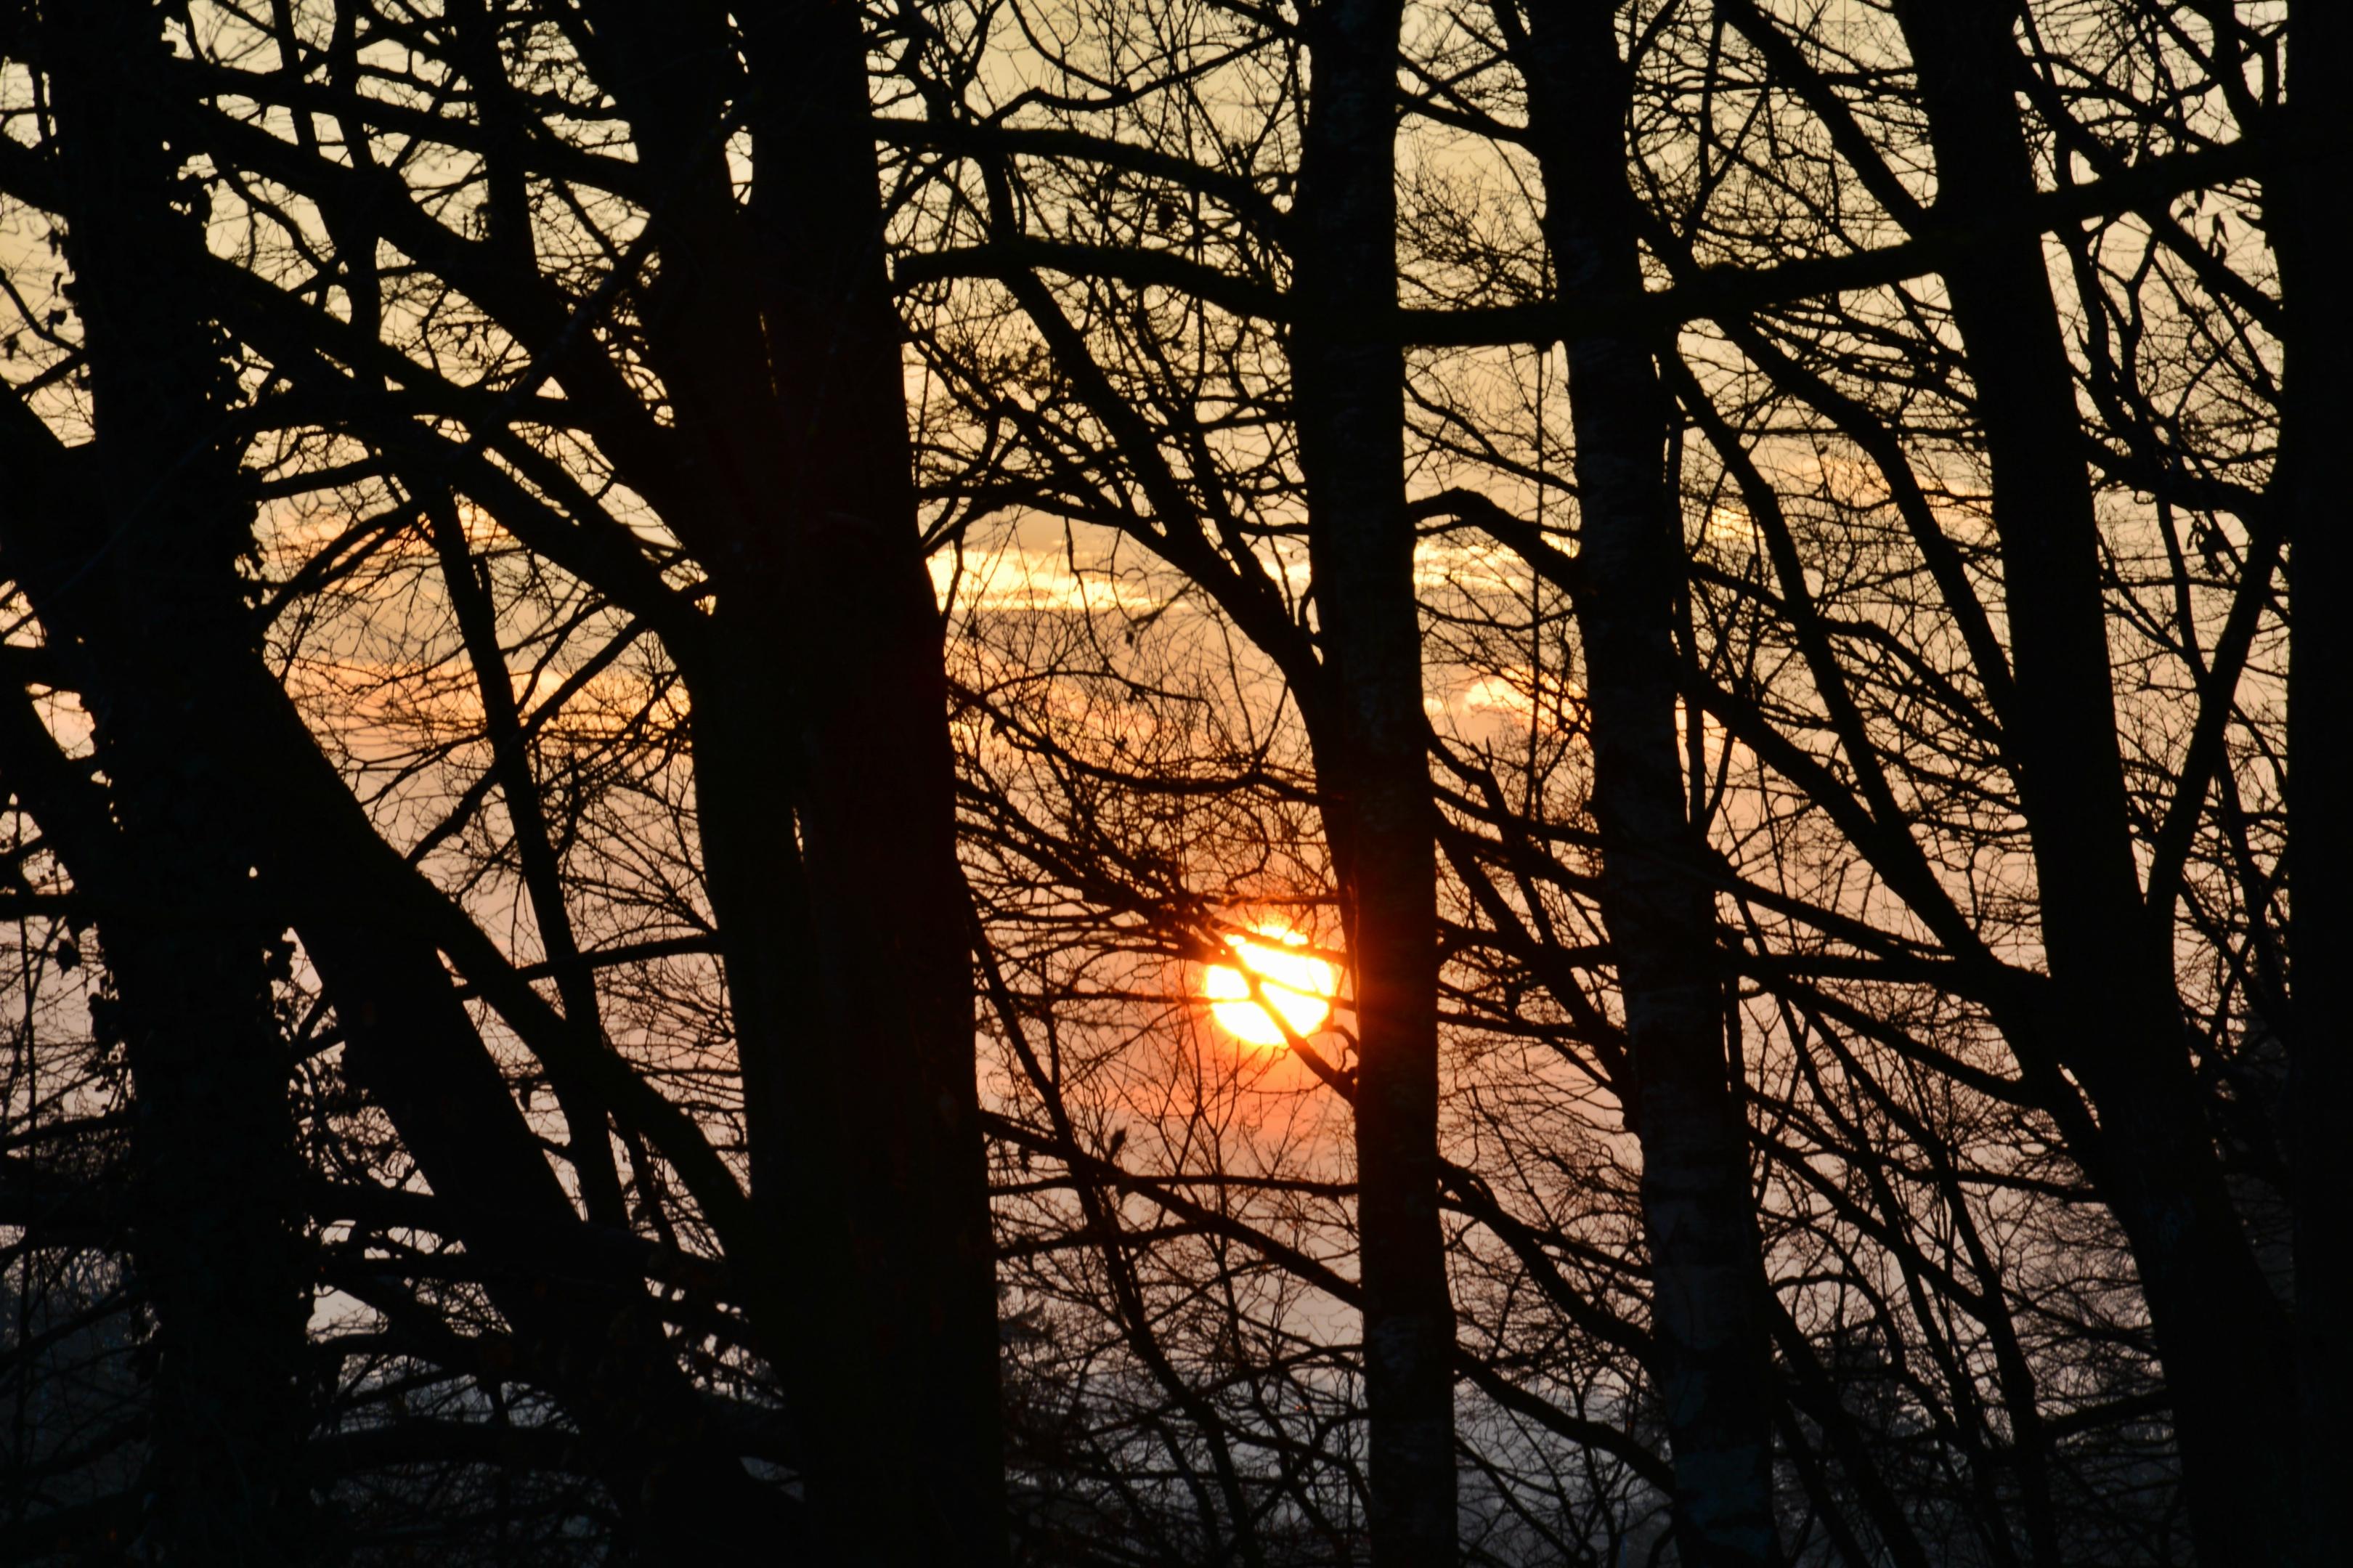 W0345 Sonnenuntergang im Wald.jpg